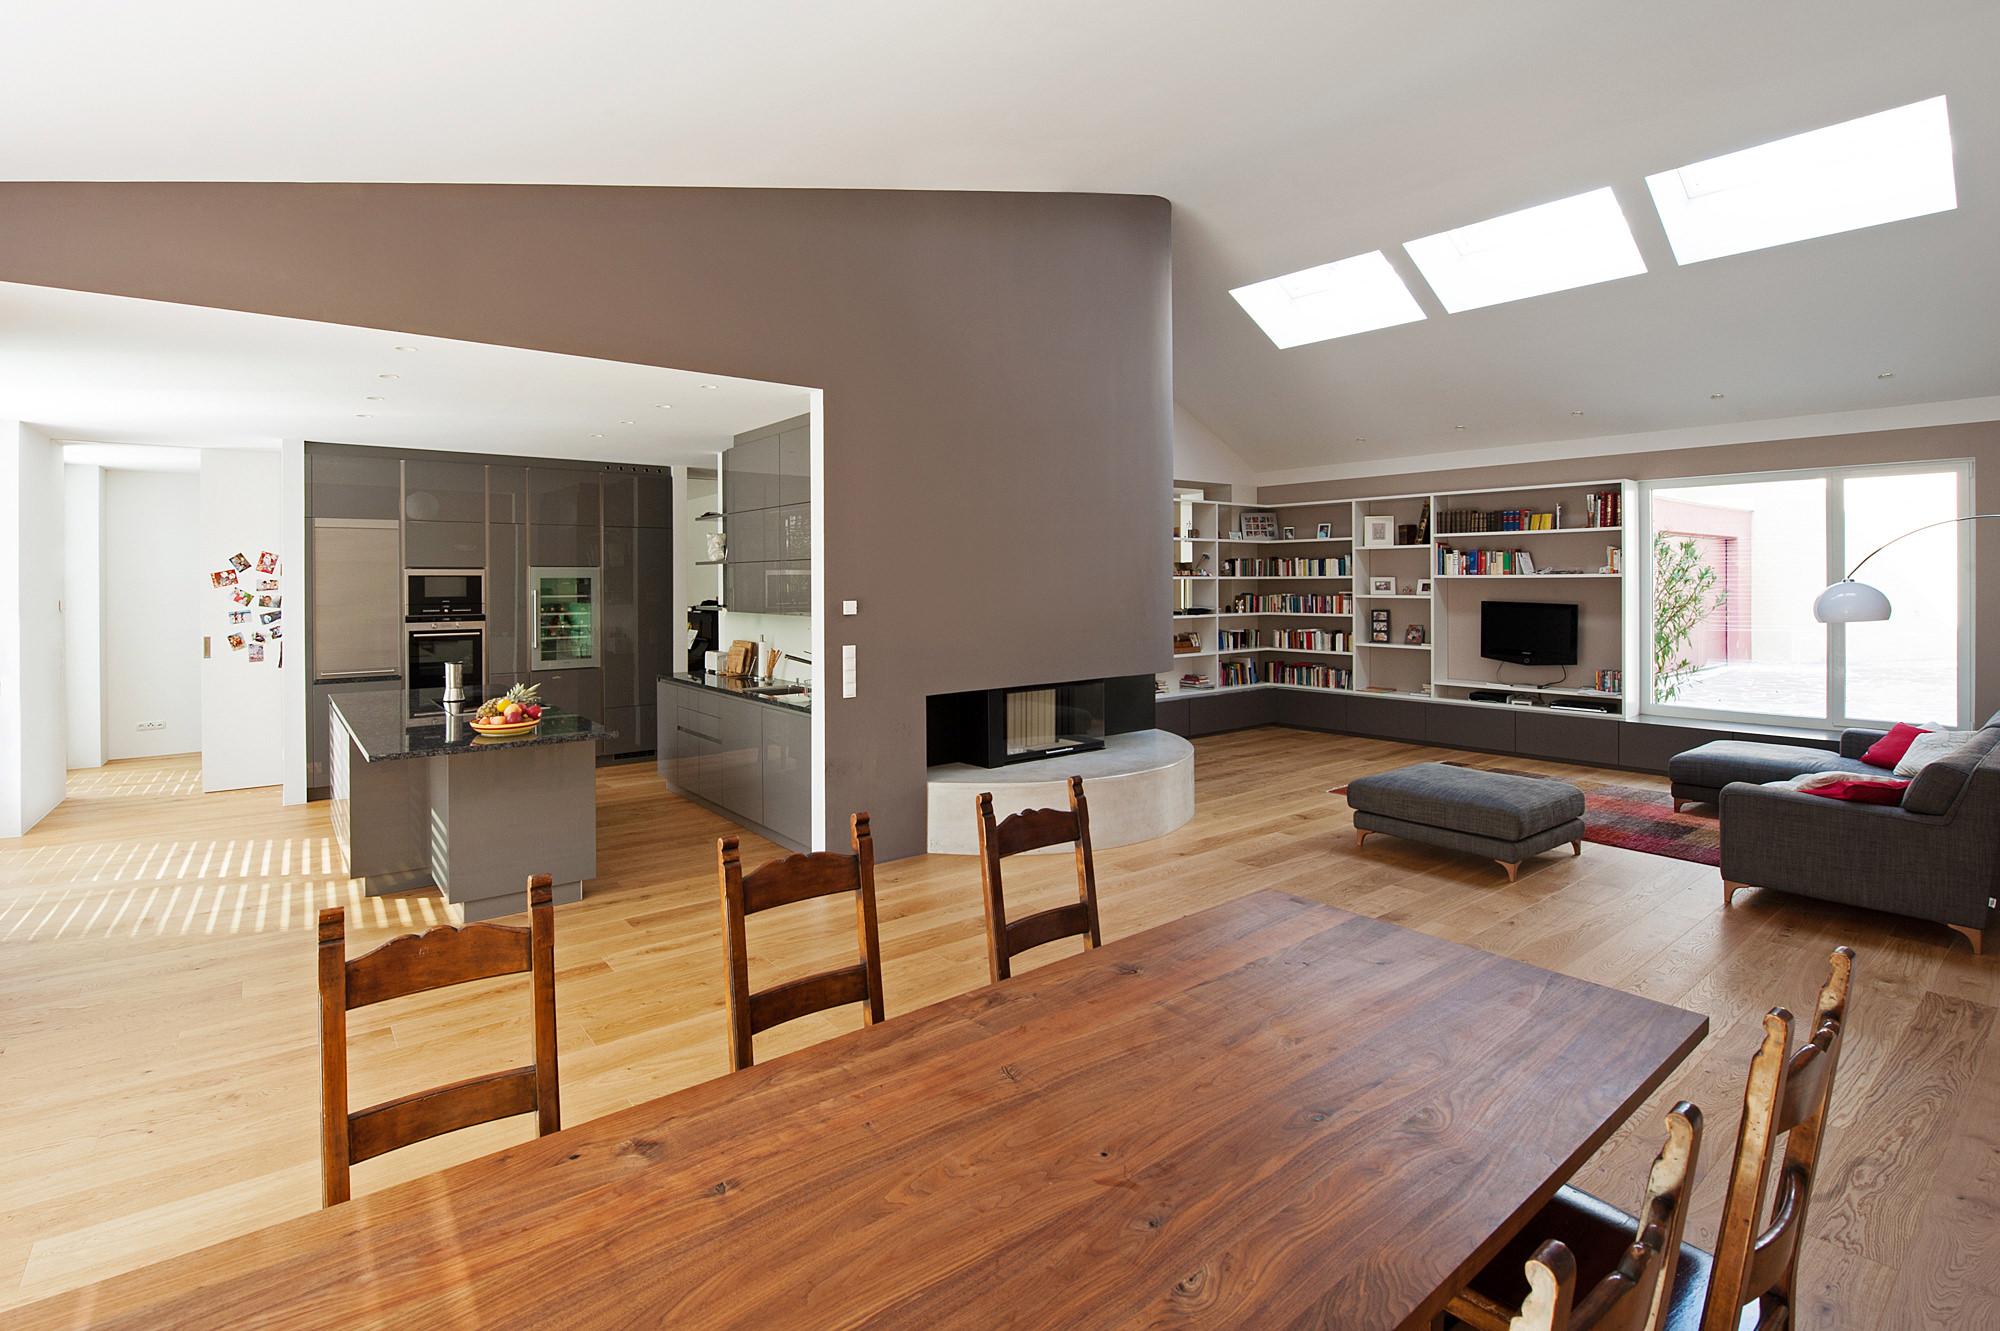 haus u 01 umbau und erweiterung einfamilienhaus 1190 wien junger beer architektur